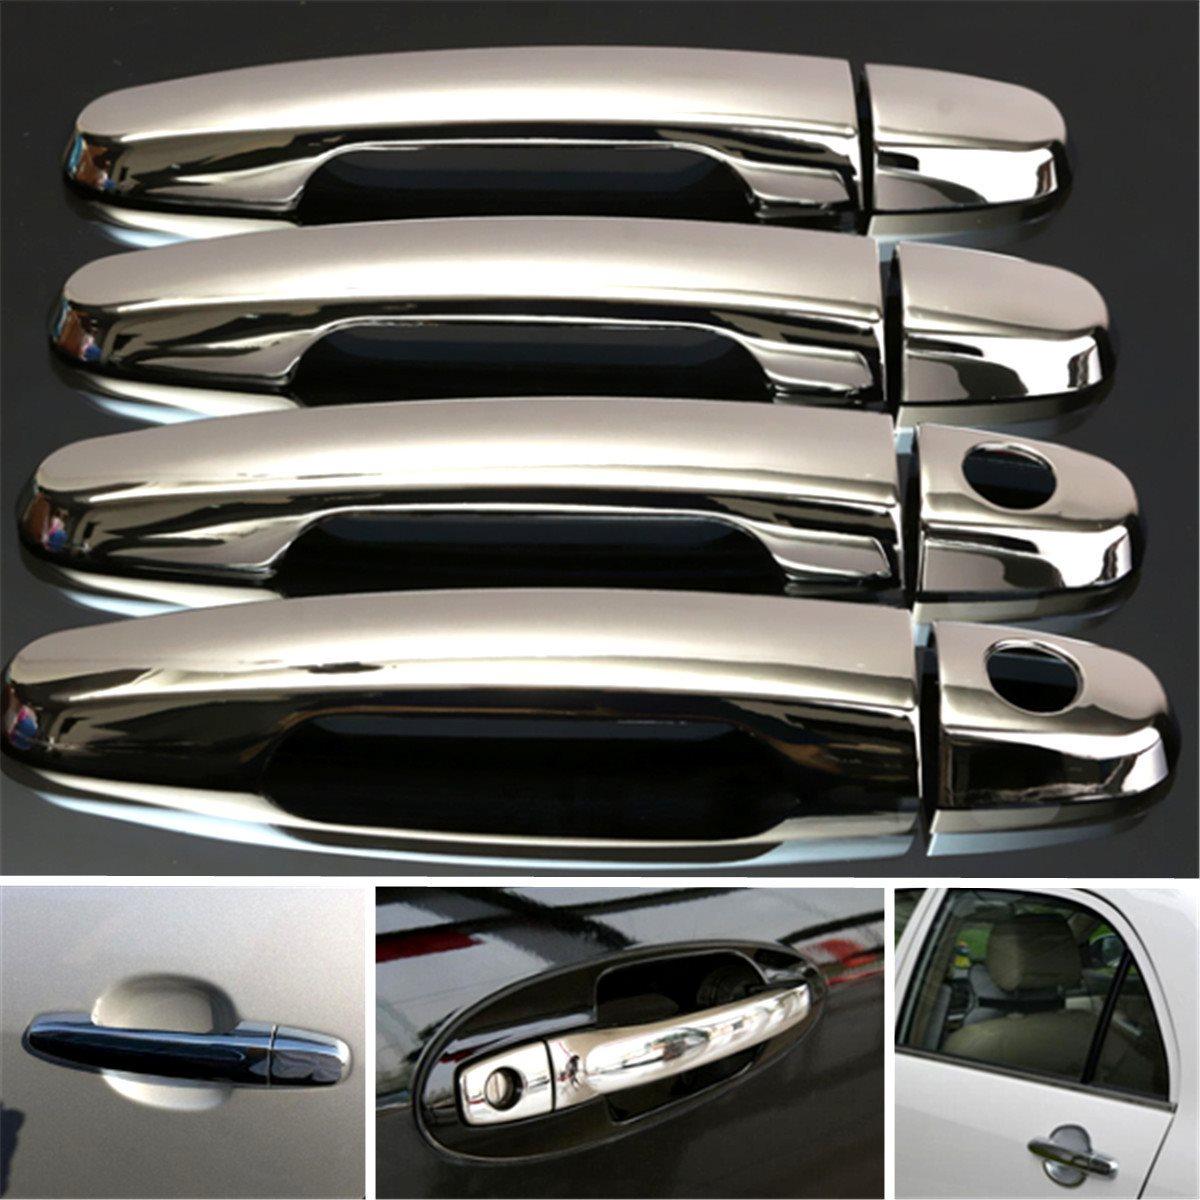 Chrome Door Handle Cover Trim Fit For Toyota Corolla Camry Prius Yaris Scion RAV4 Highlander Matrix throttle body for 2004 2007 toyota camry highlander rav4 solara scion tc 2 4l 22030 0h021 220300h021